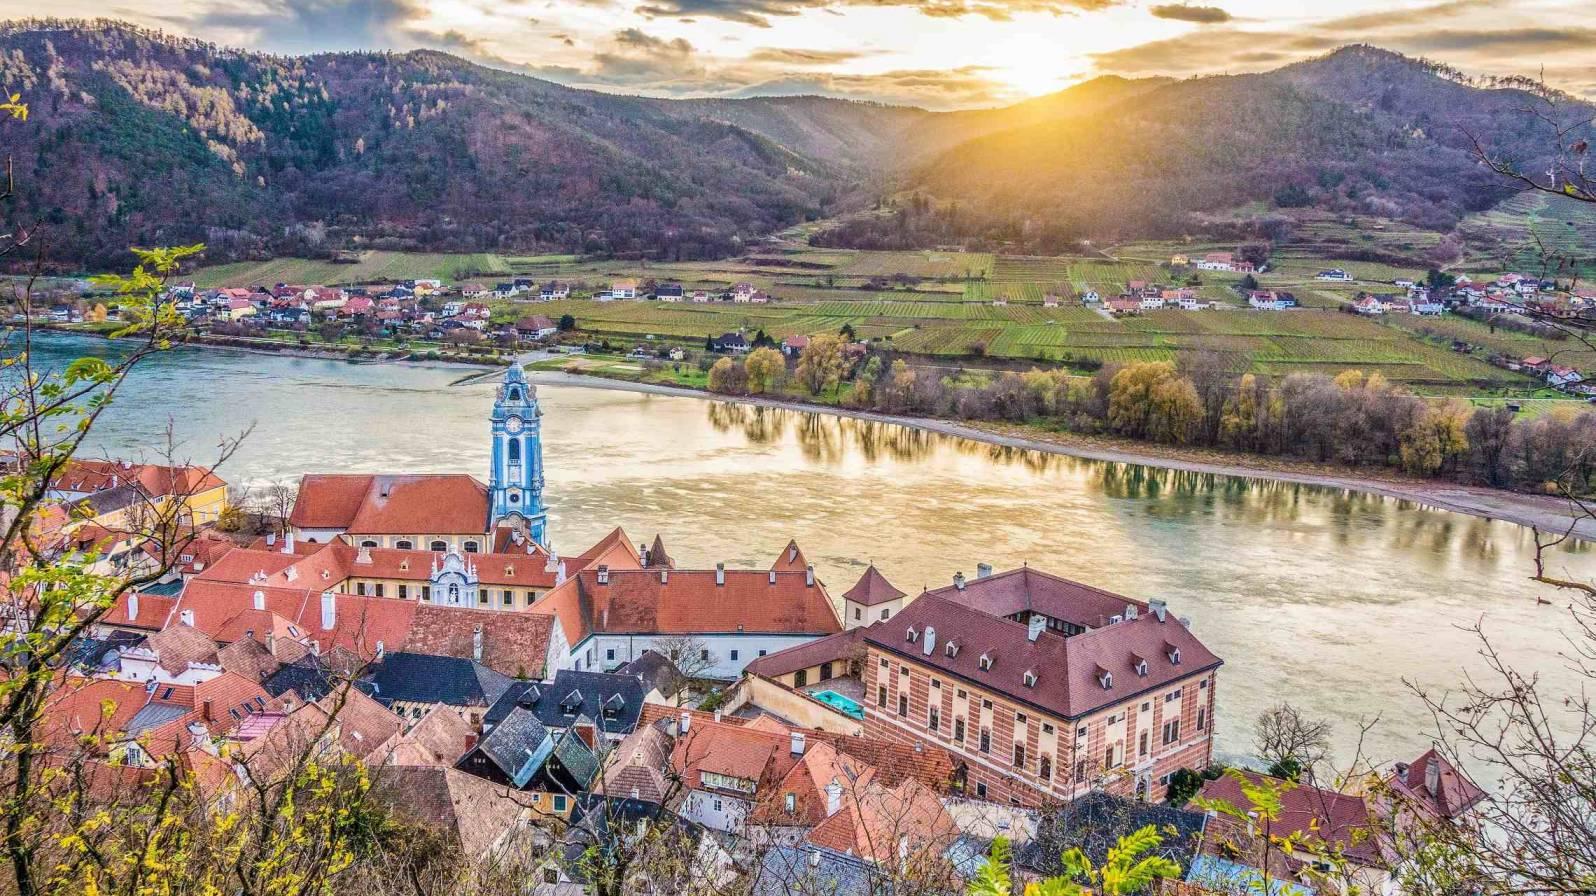 Dürnsteinin-kyl-Wachaun-laaksossa-Itävalta-1596x896.jpg